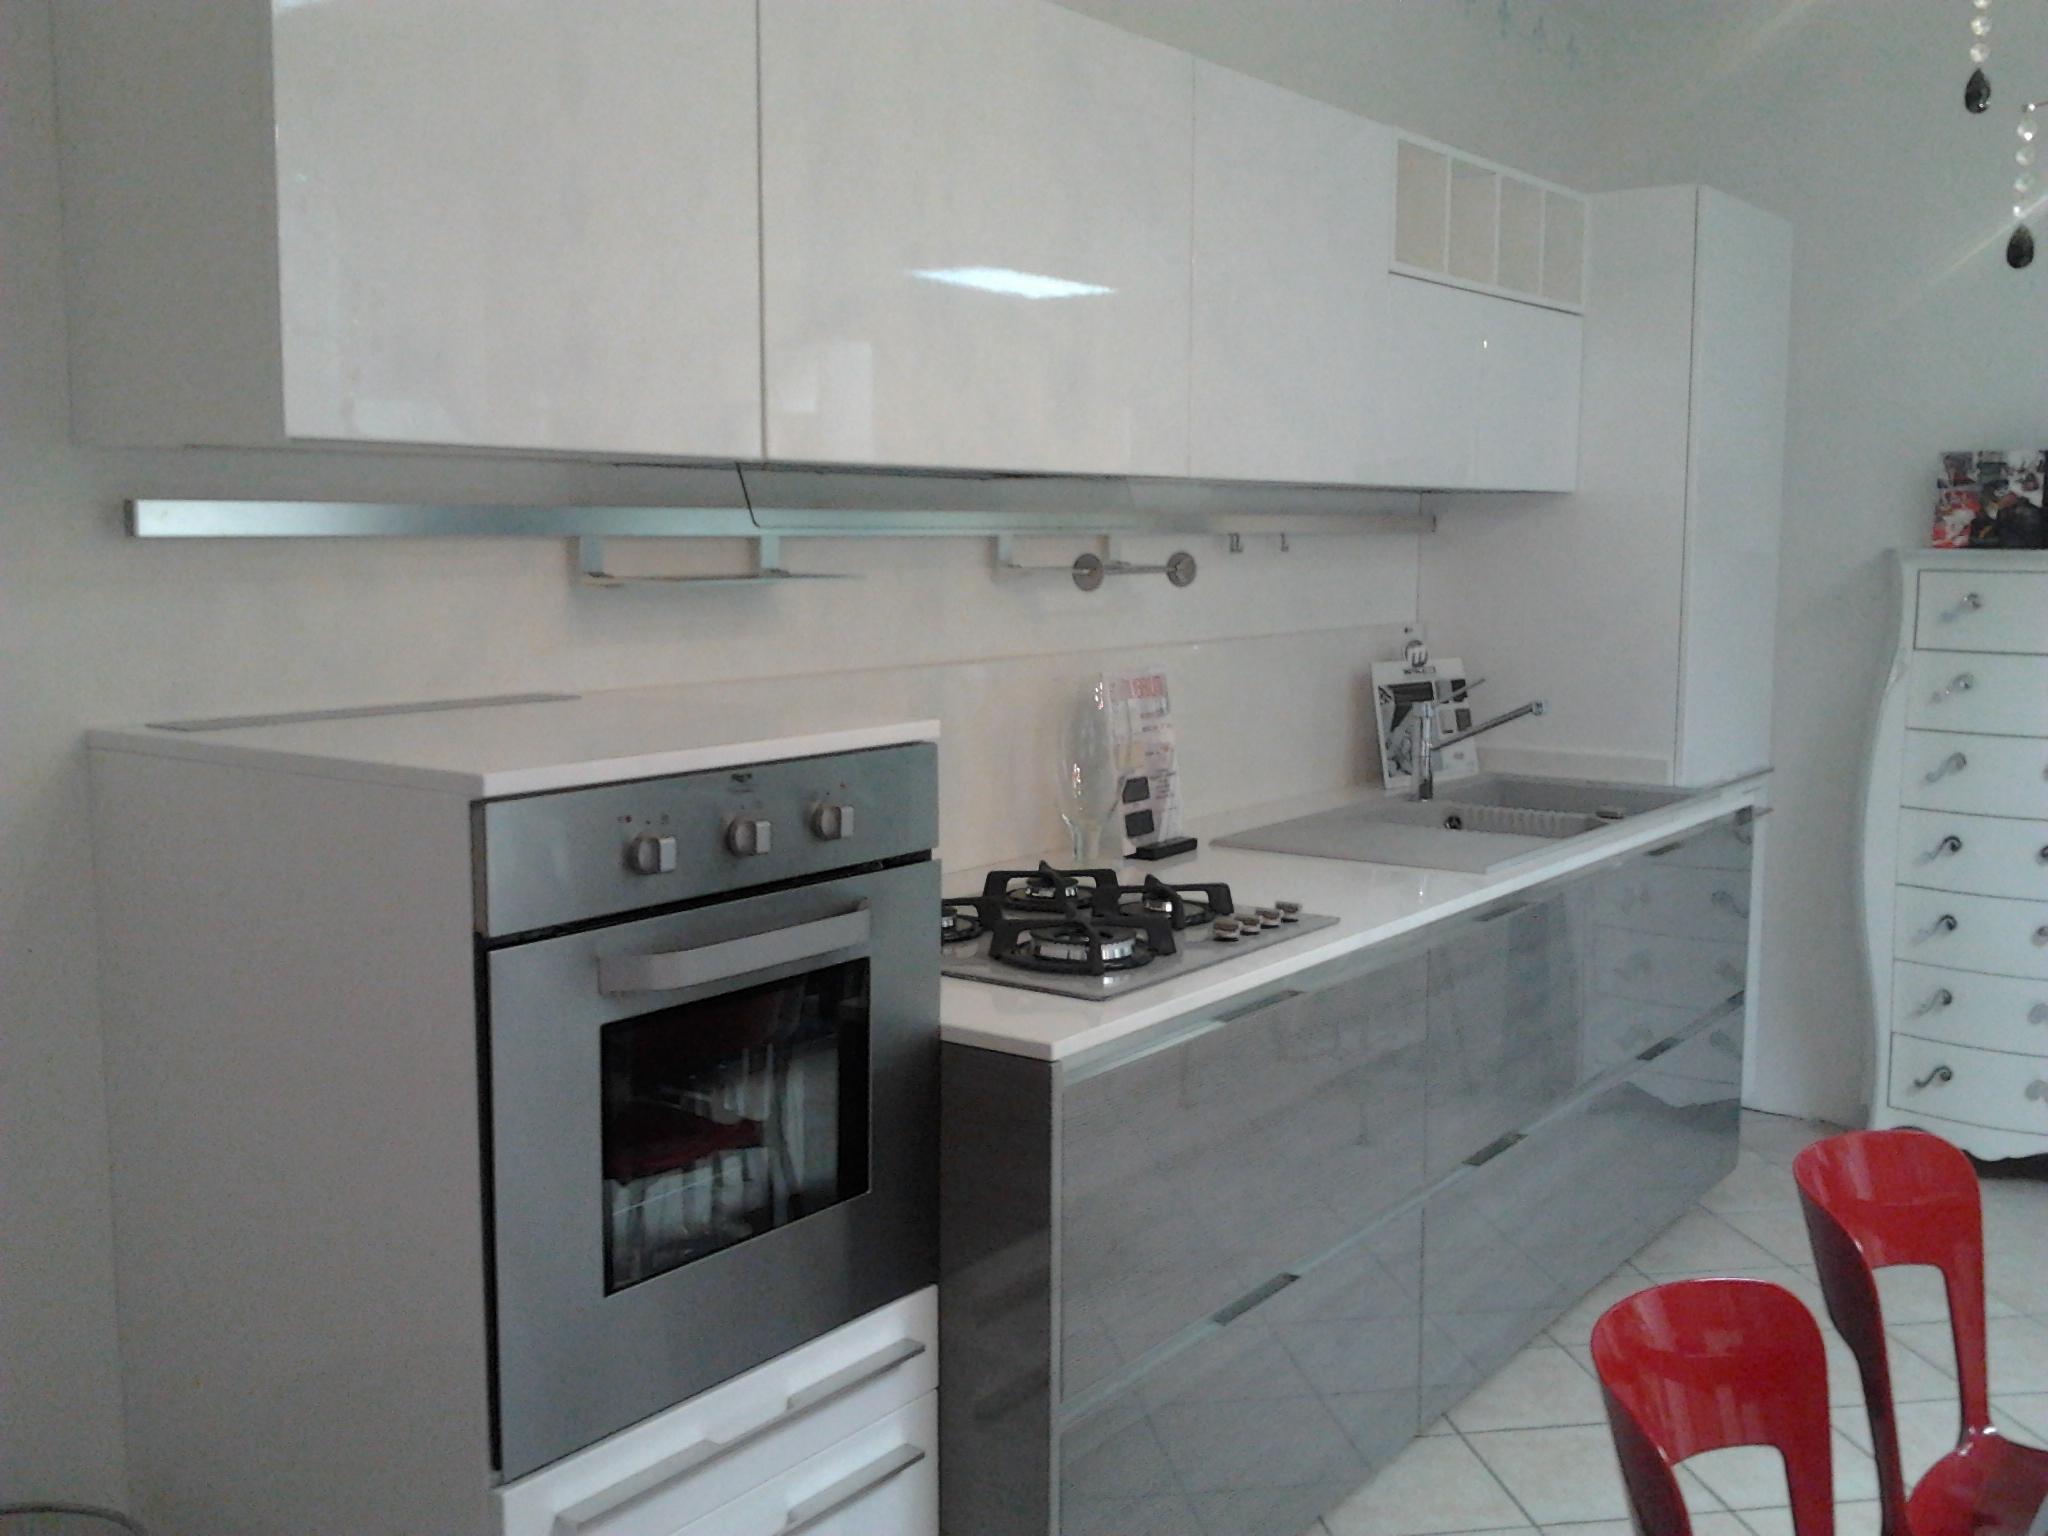 Cucine Piccole Prezzi Cucine Economiche Cucine Ikea With